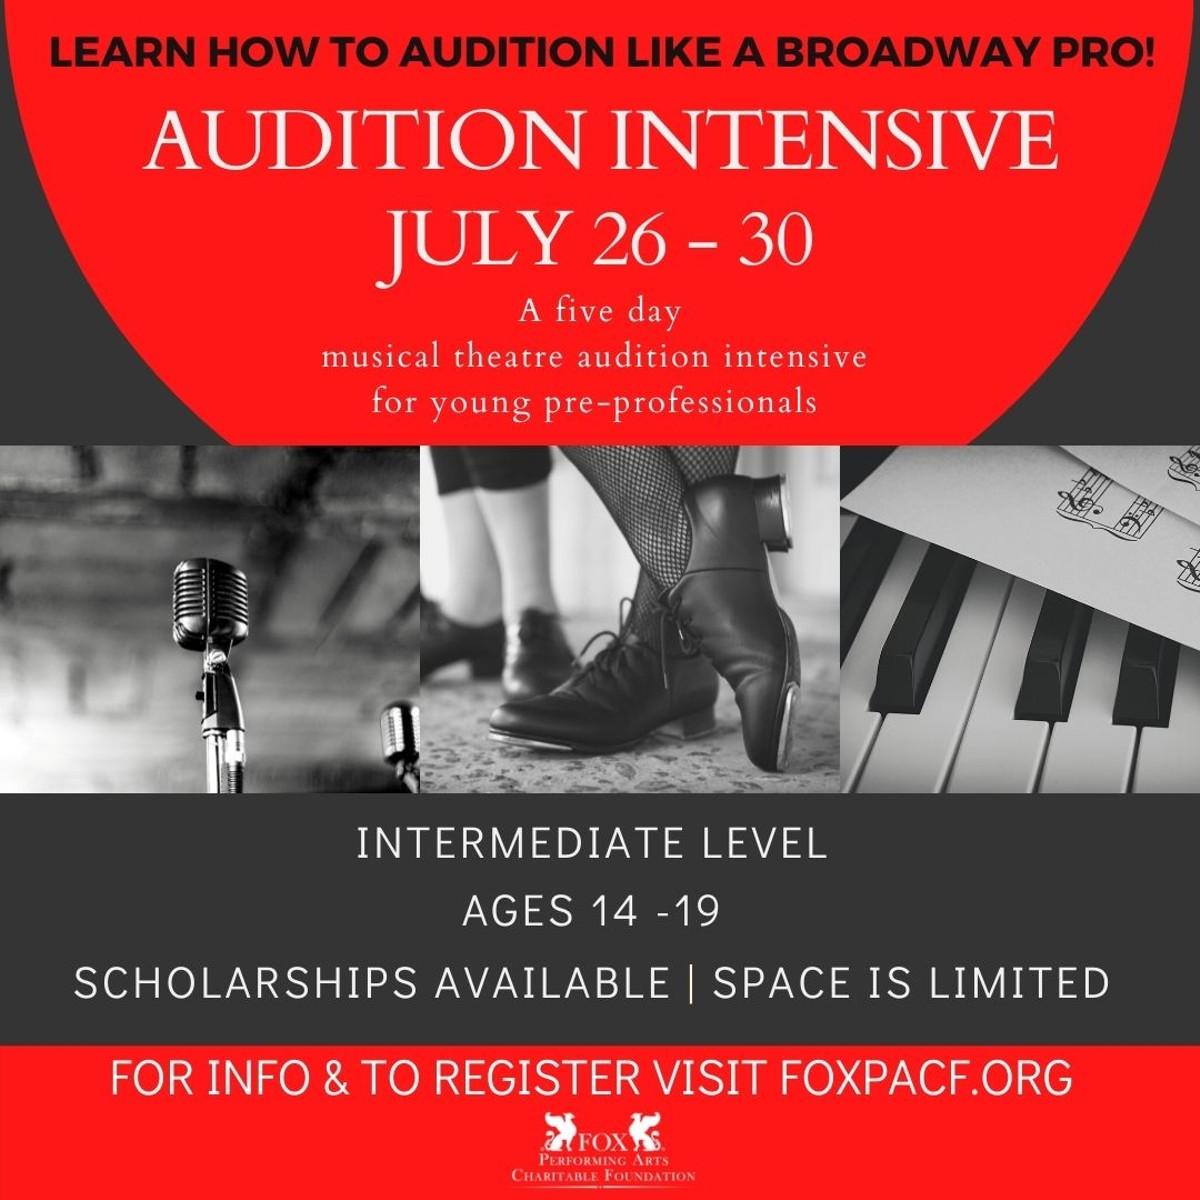 audition_workshop_calendar_image.jpg